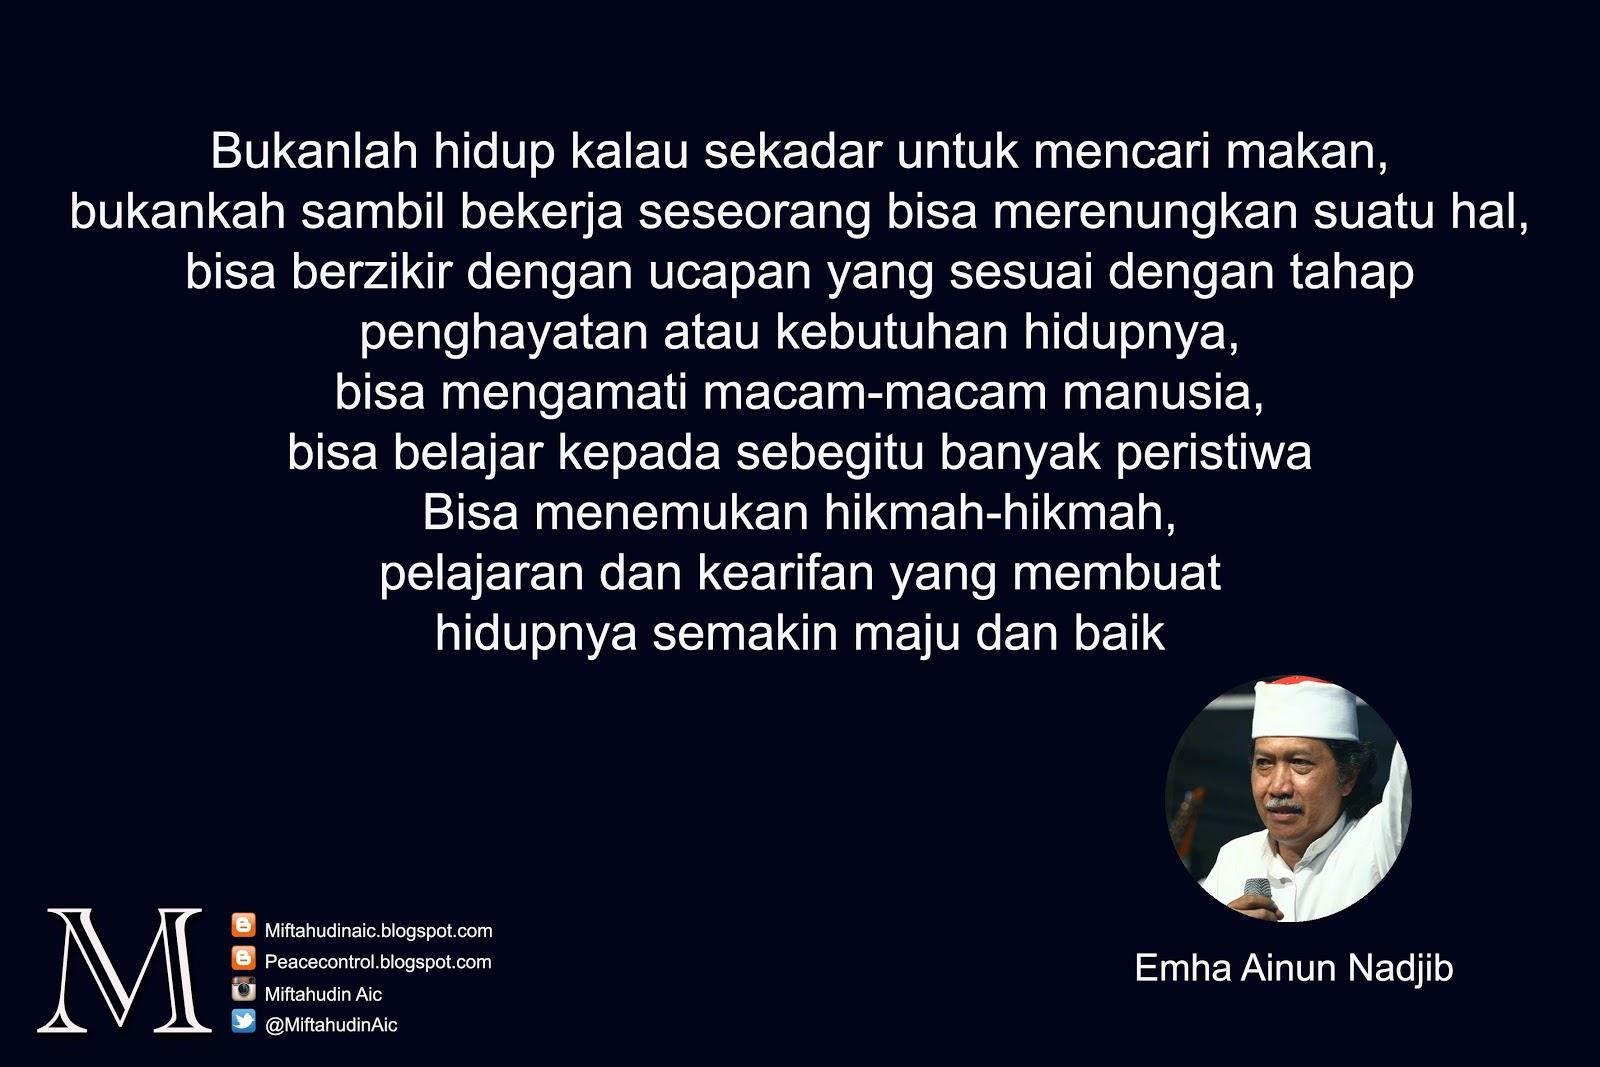 Kata Kata Bijak Emha Ainun Najib Cak Nun Peace Control